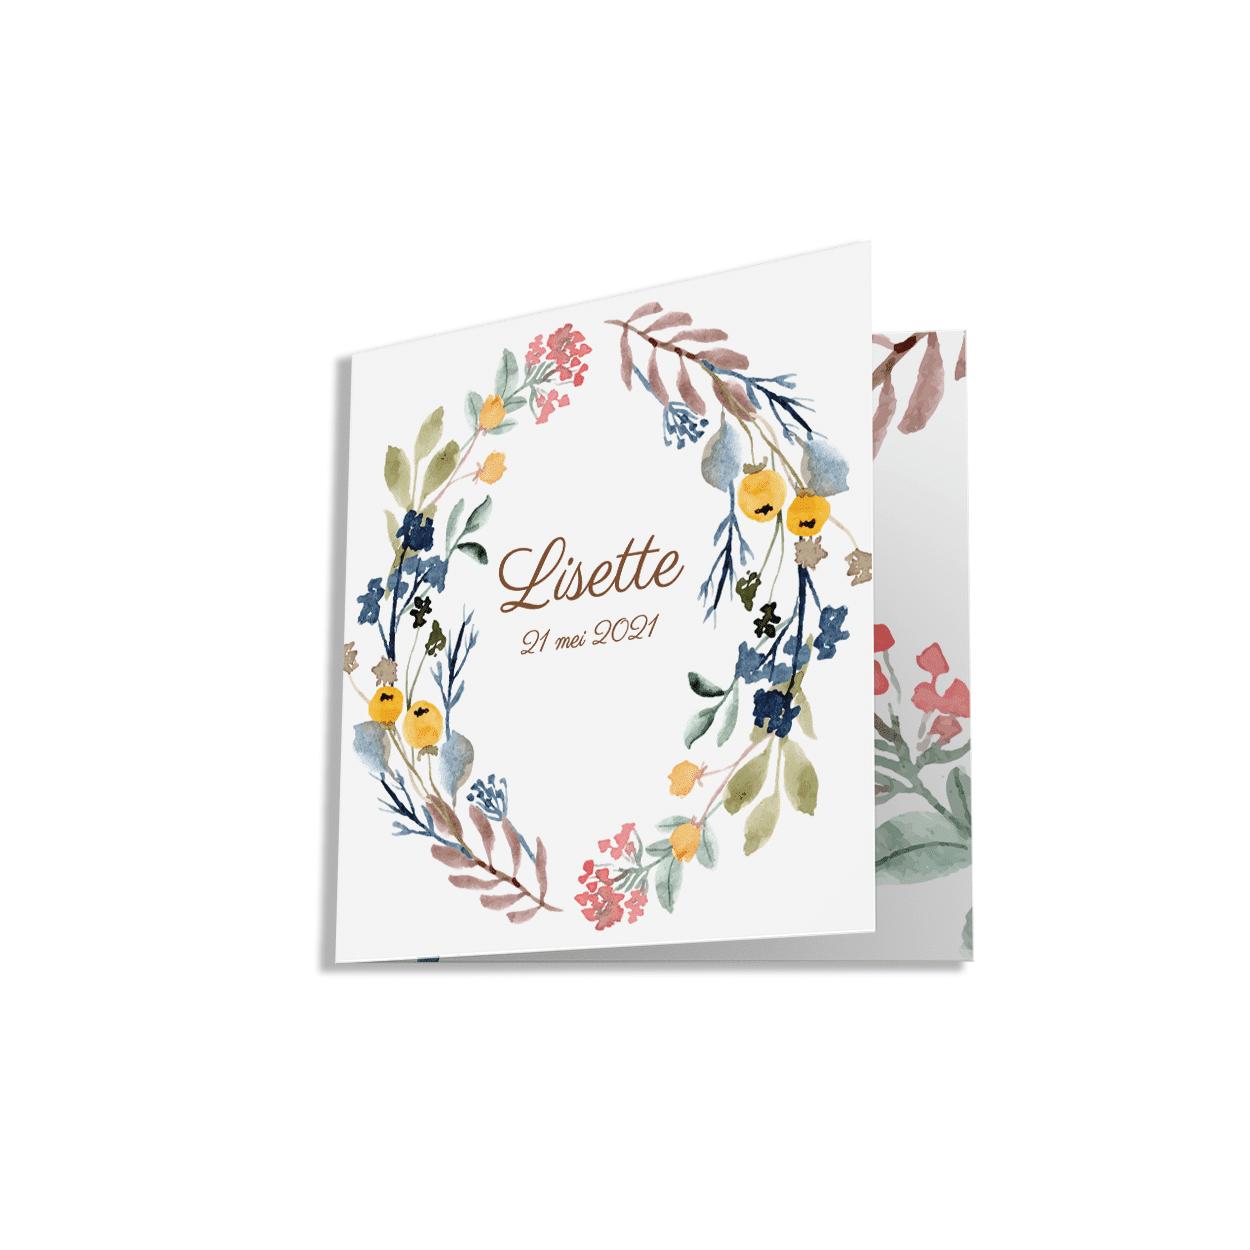 Geboortekaartje met kleurrijk botanisch ontwerp